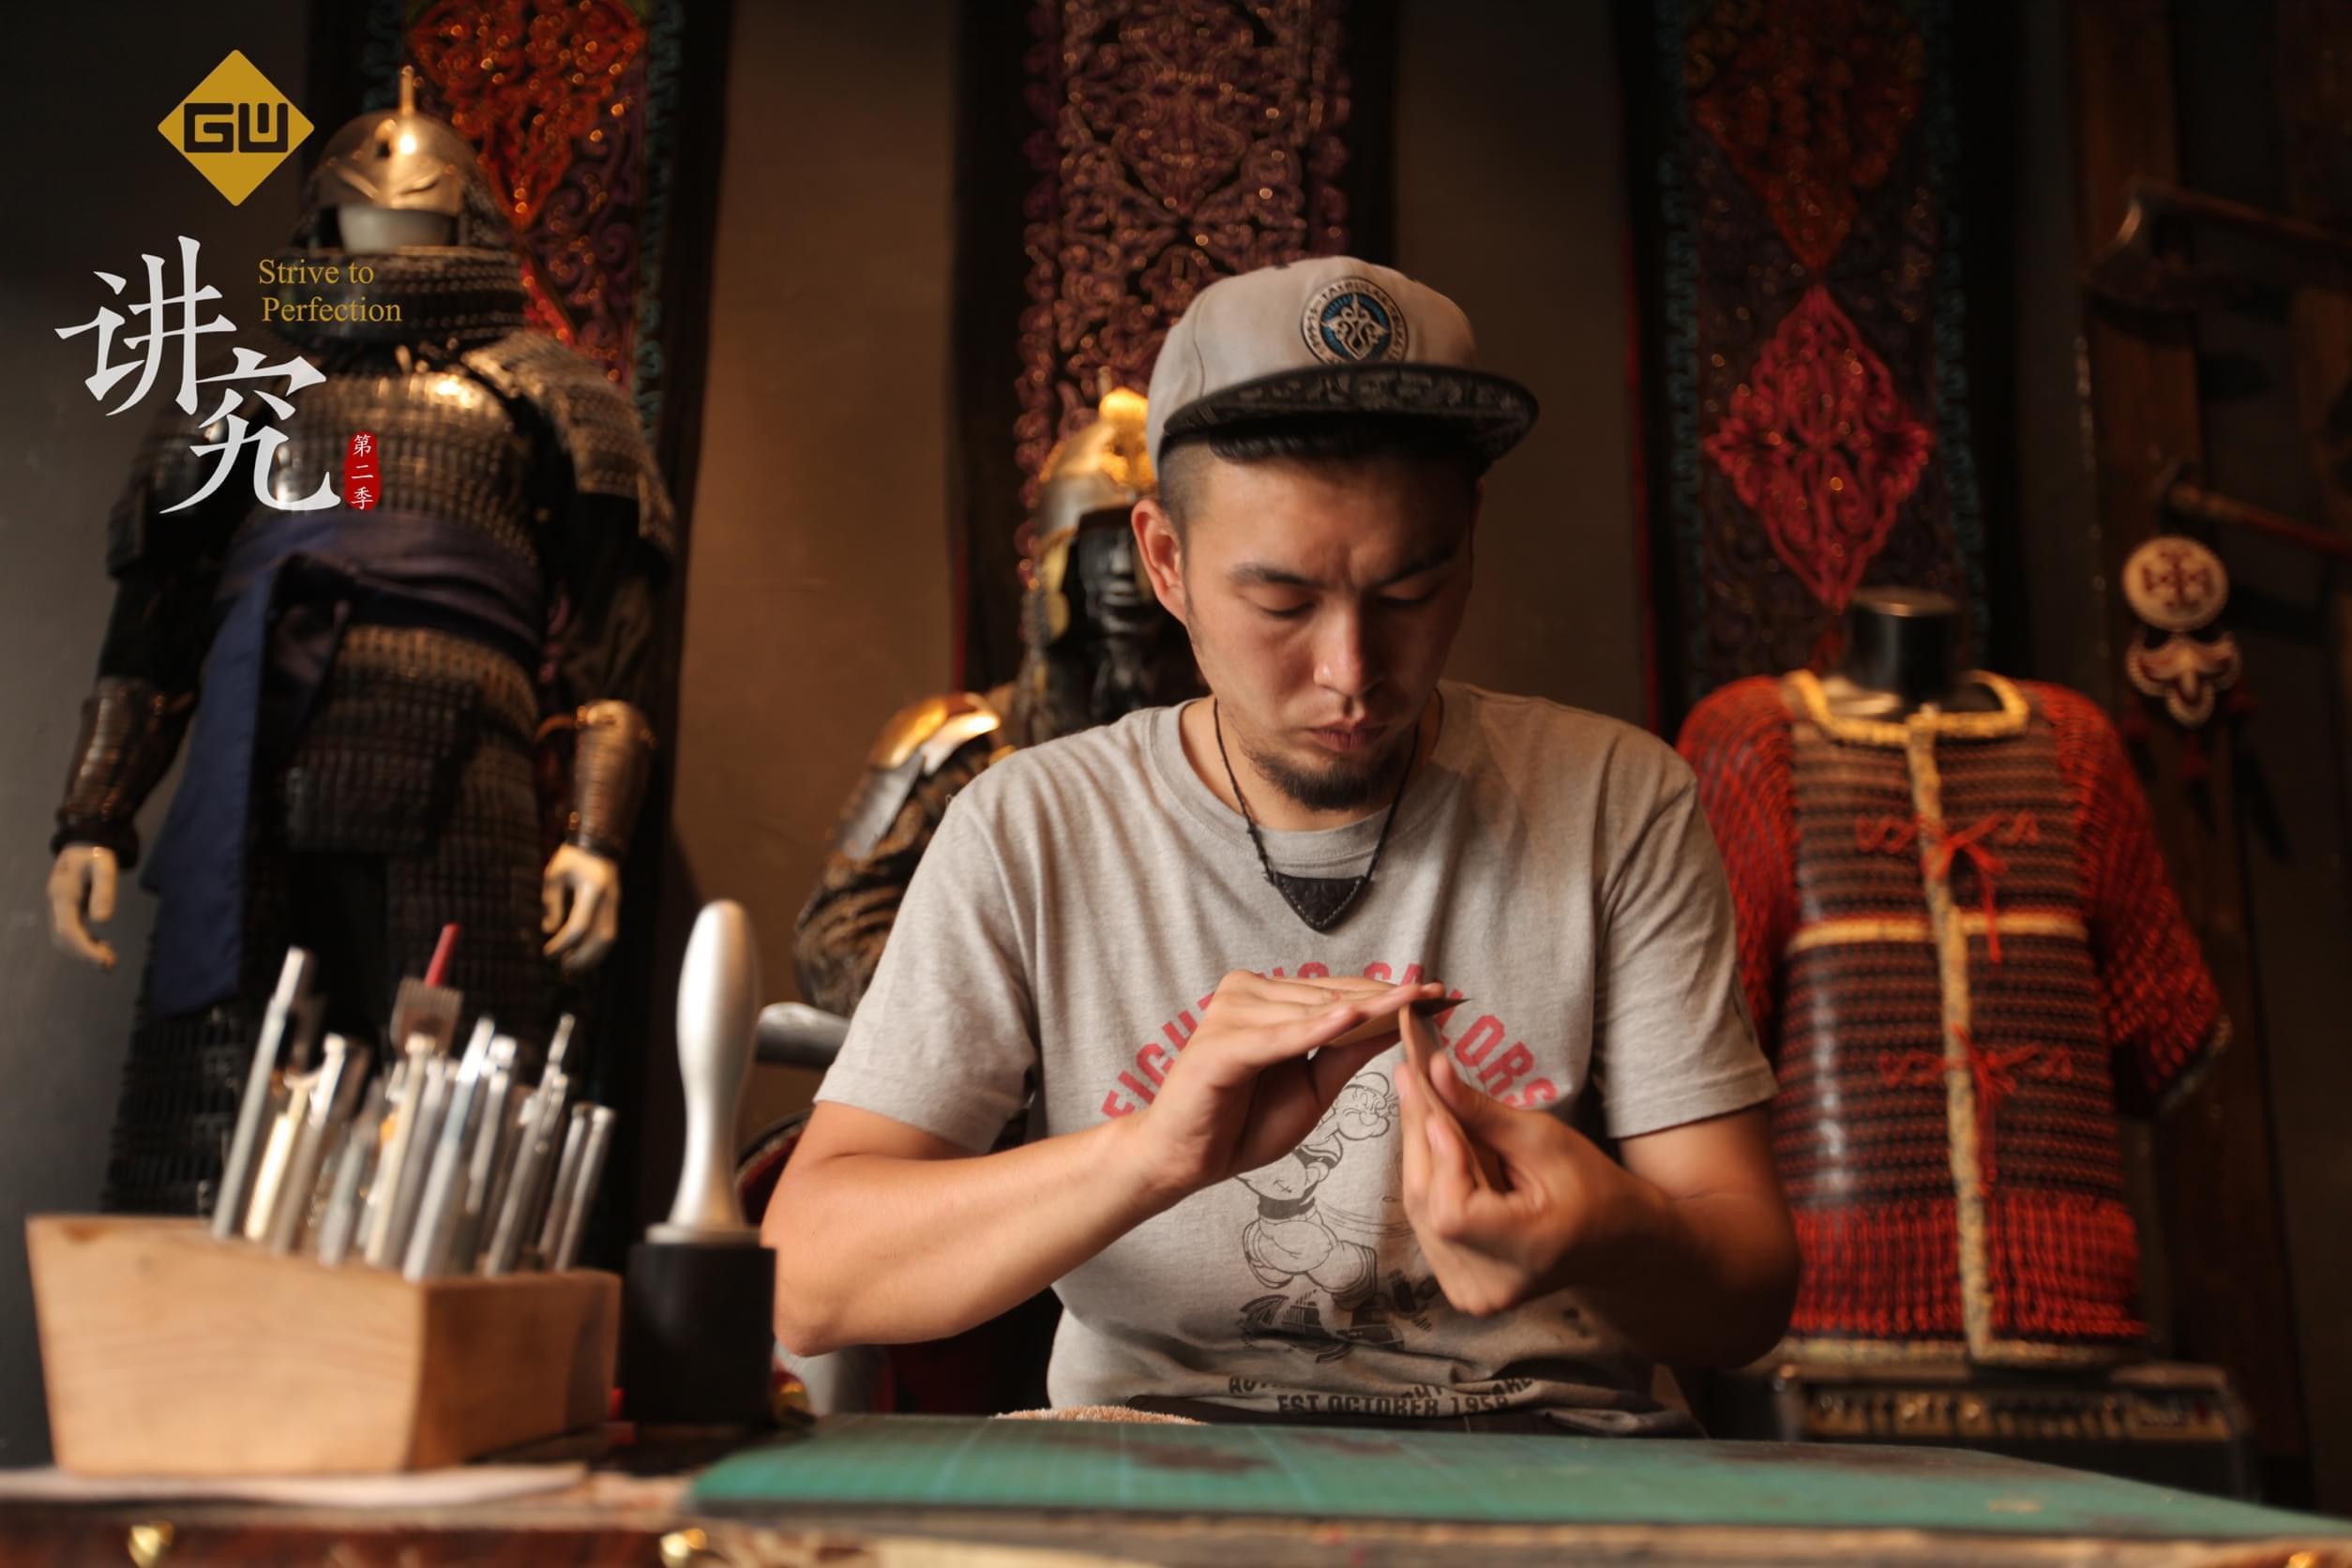 纪录片《讲究》第二季上线 蒙古小伙打造传统铠甲